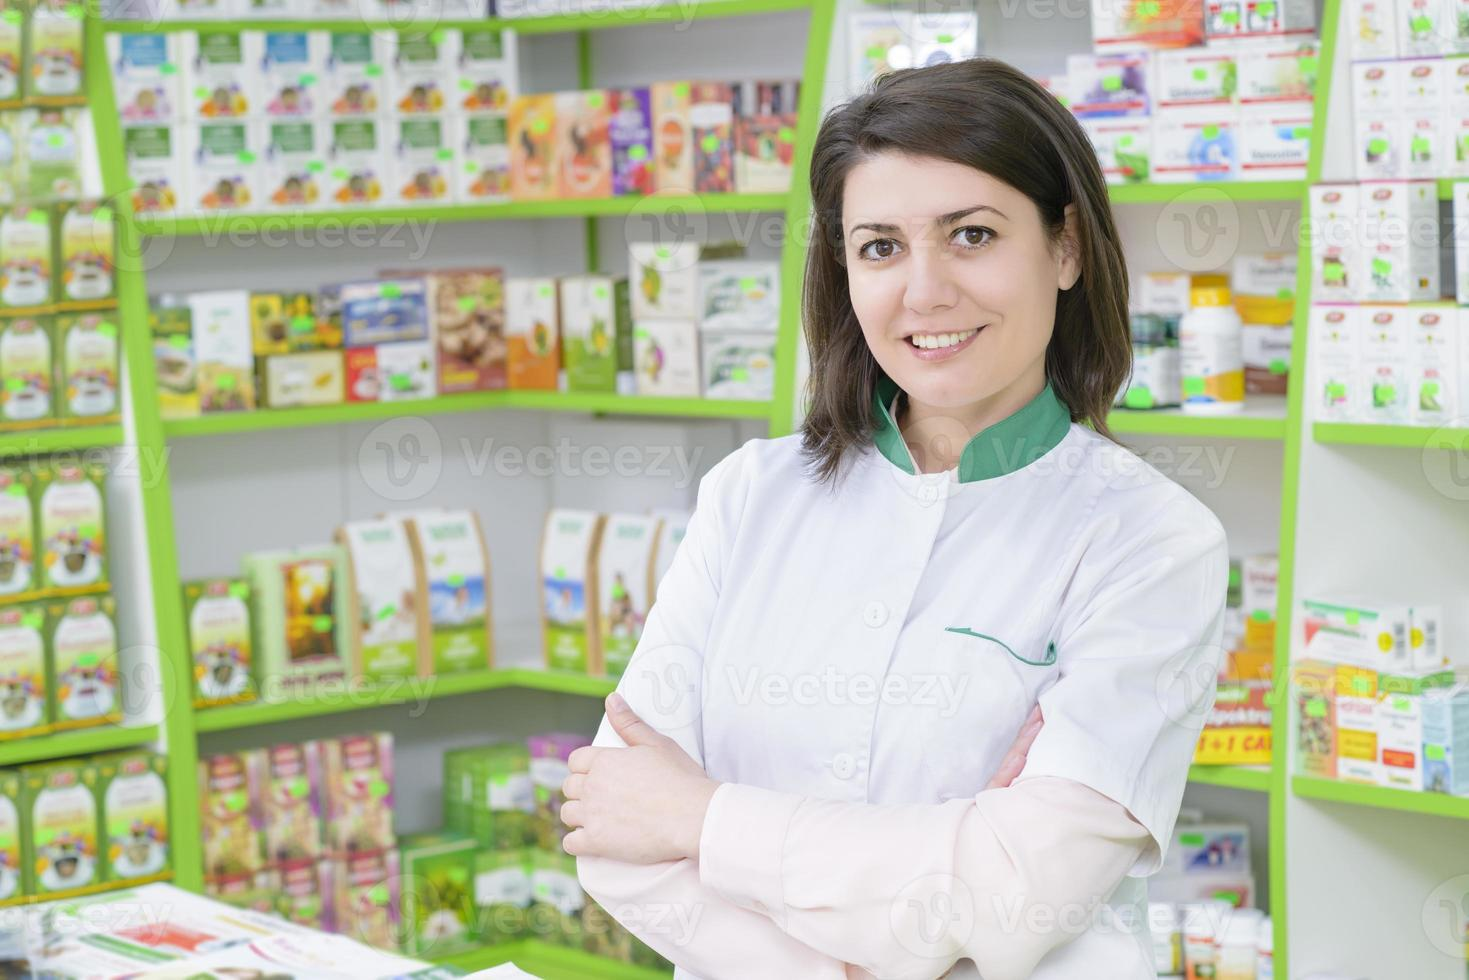 Drugstore photo